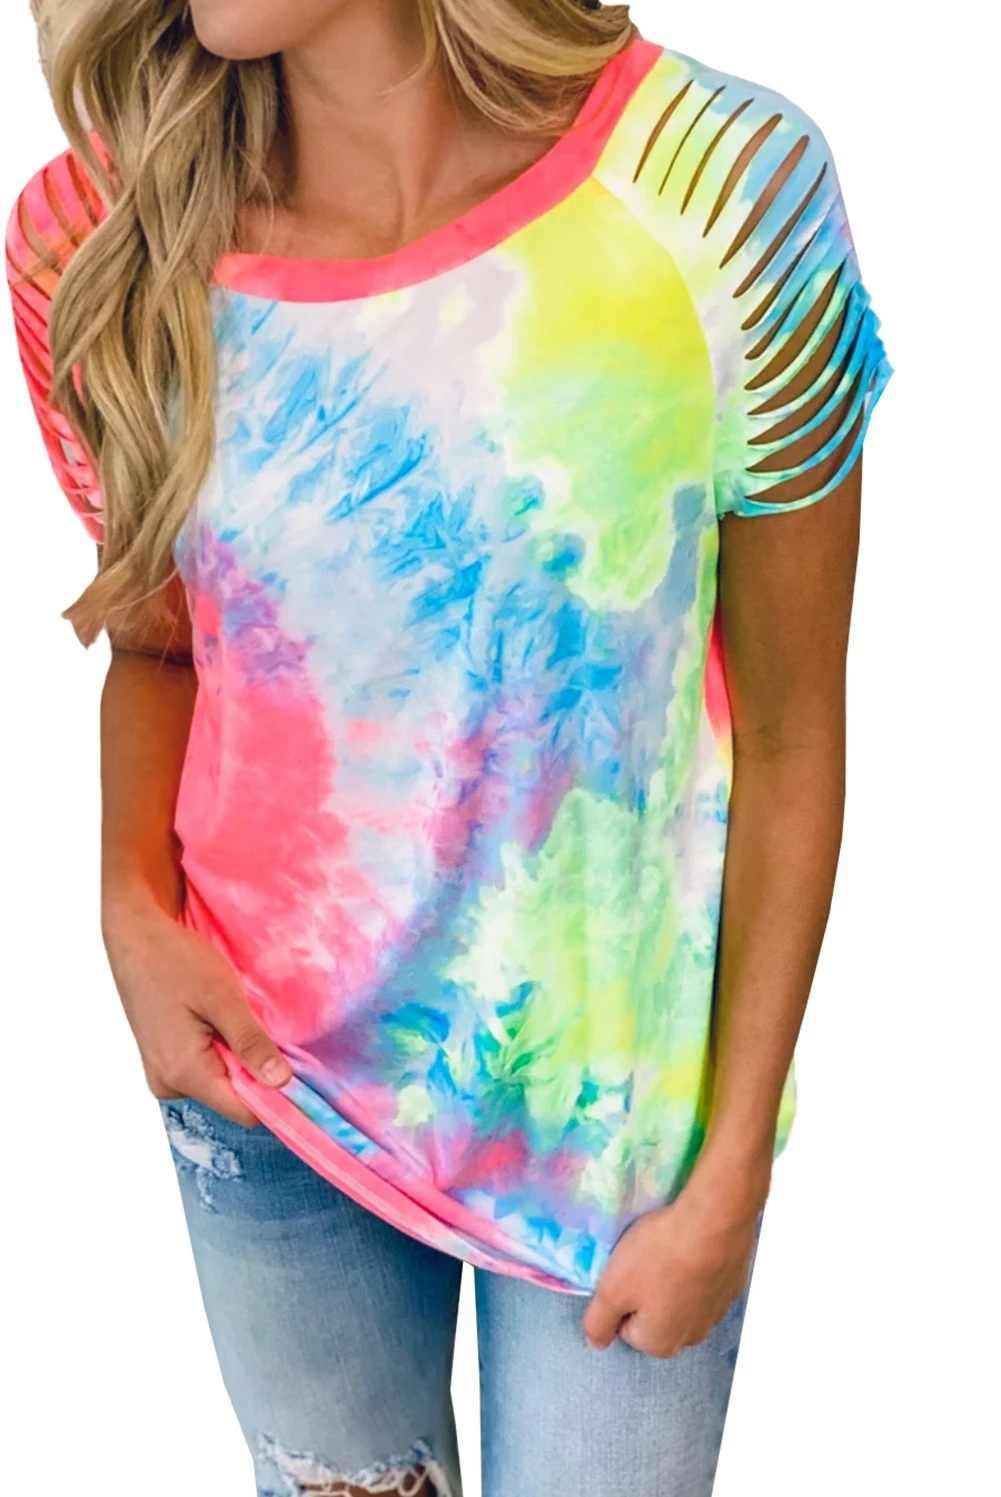 Tie-Dye/Camo T-shirt Zomer Hollow Korte Mouw Losse T-shirt Vrouwen Plus Size Fashion Casual O-hals t-shirts Femme Tee Tops Jg3